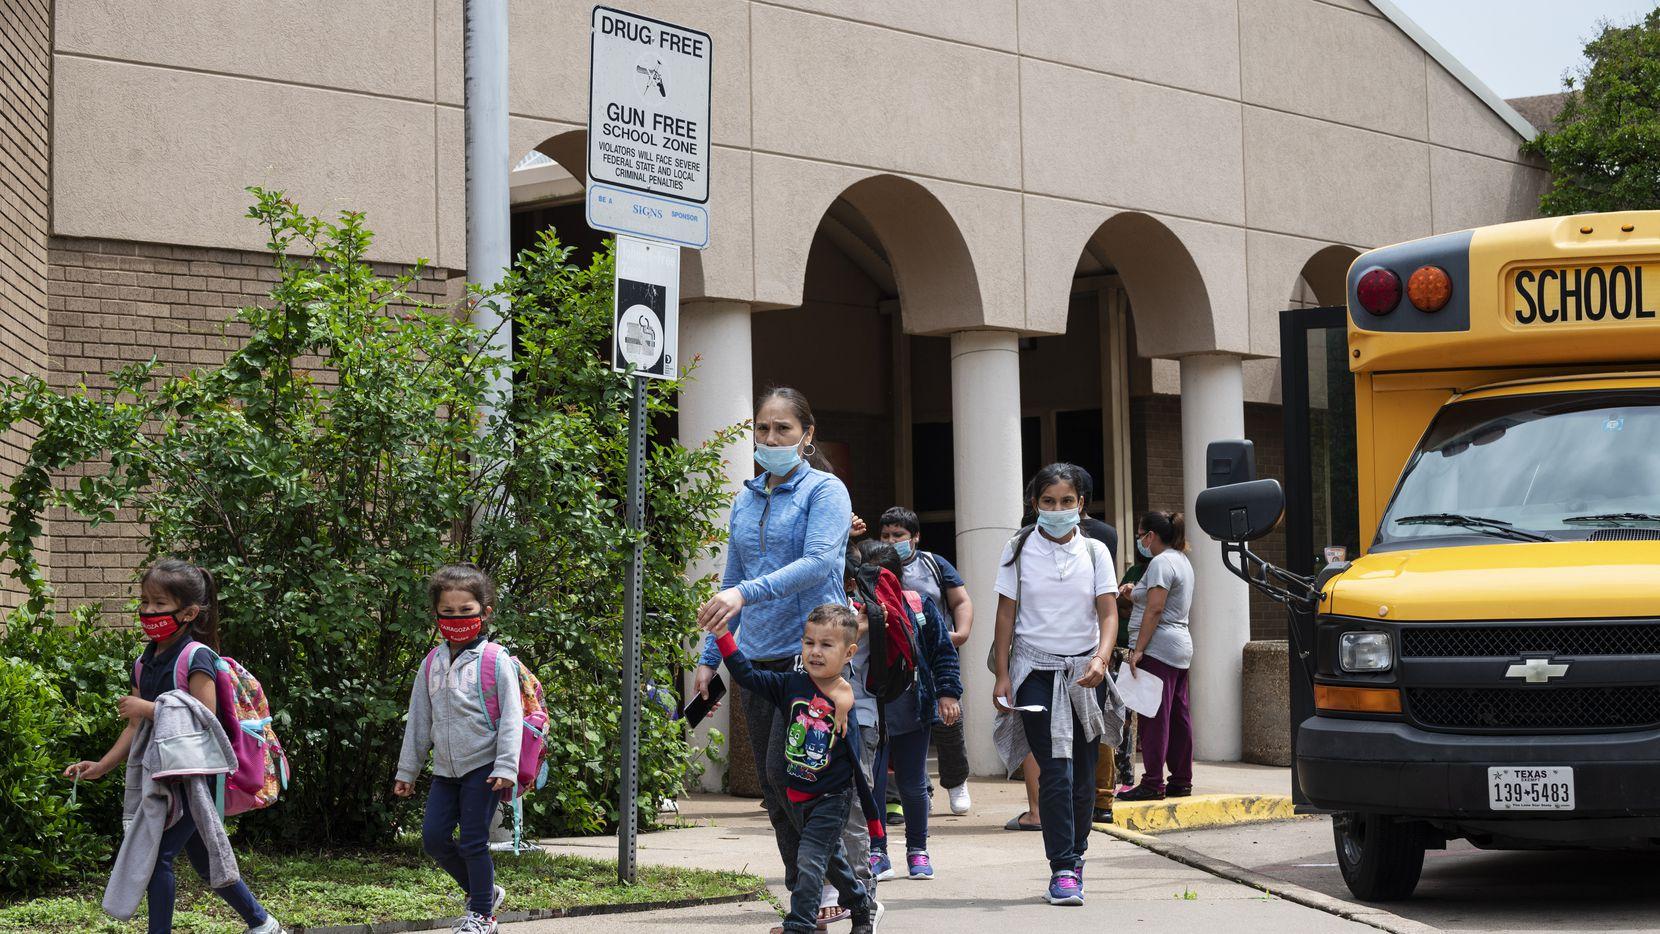 En el próximo ciclo escolar todas las clases ya serán presenciales, por lo que el DISD y el Hospital Parkland se aliaron para vacunar a la mayor cantidad posible de estudiantes antes de regresar a las aulas.